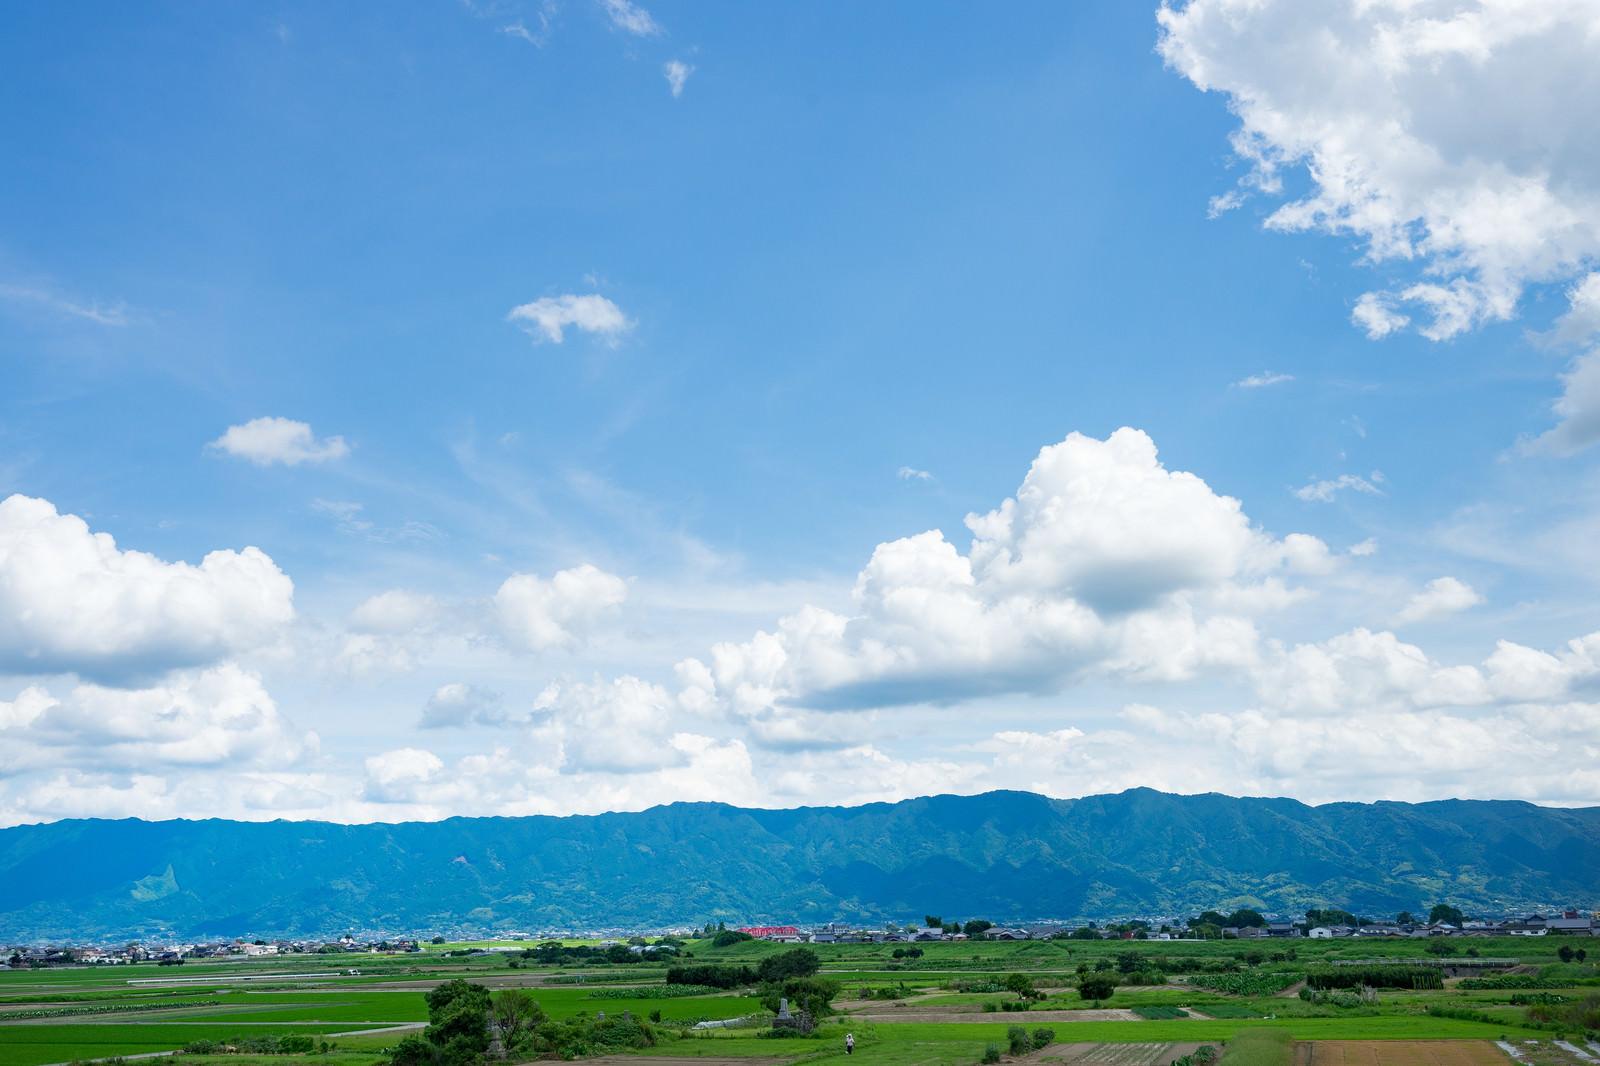 「大刀洗の田園風景大刀洗の田園風景」のフリー写真素材を拡大